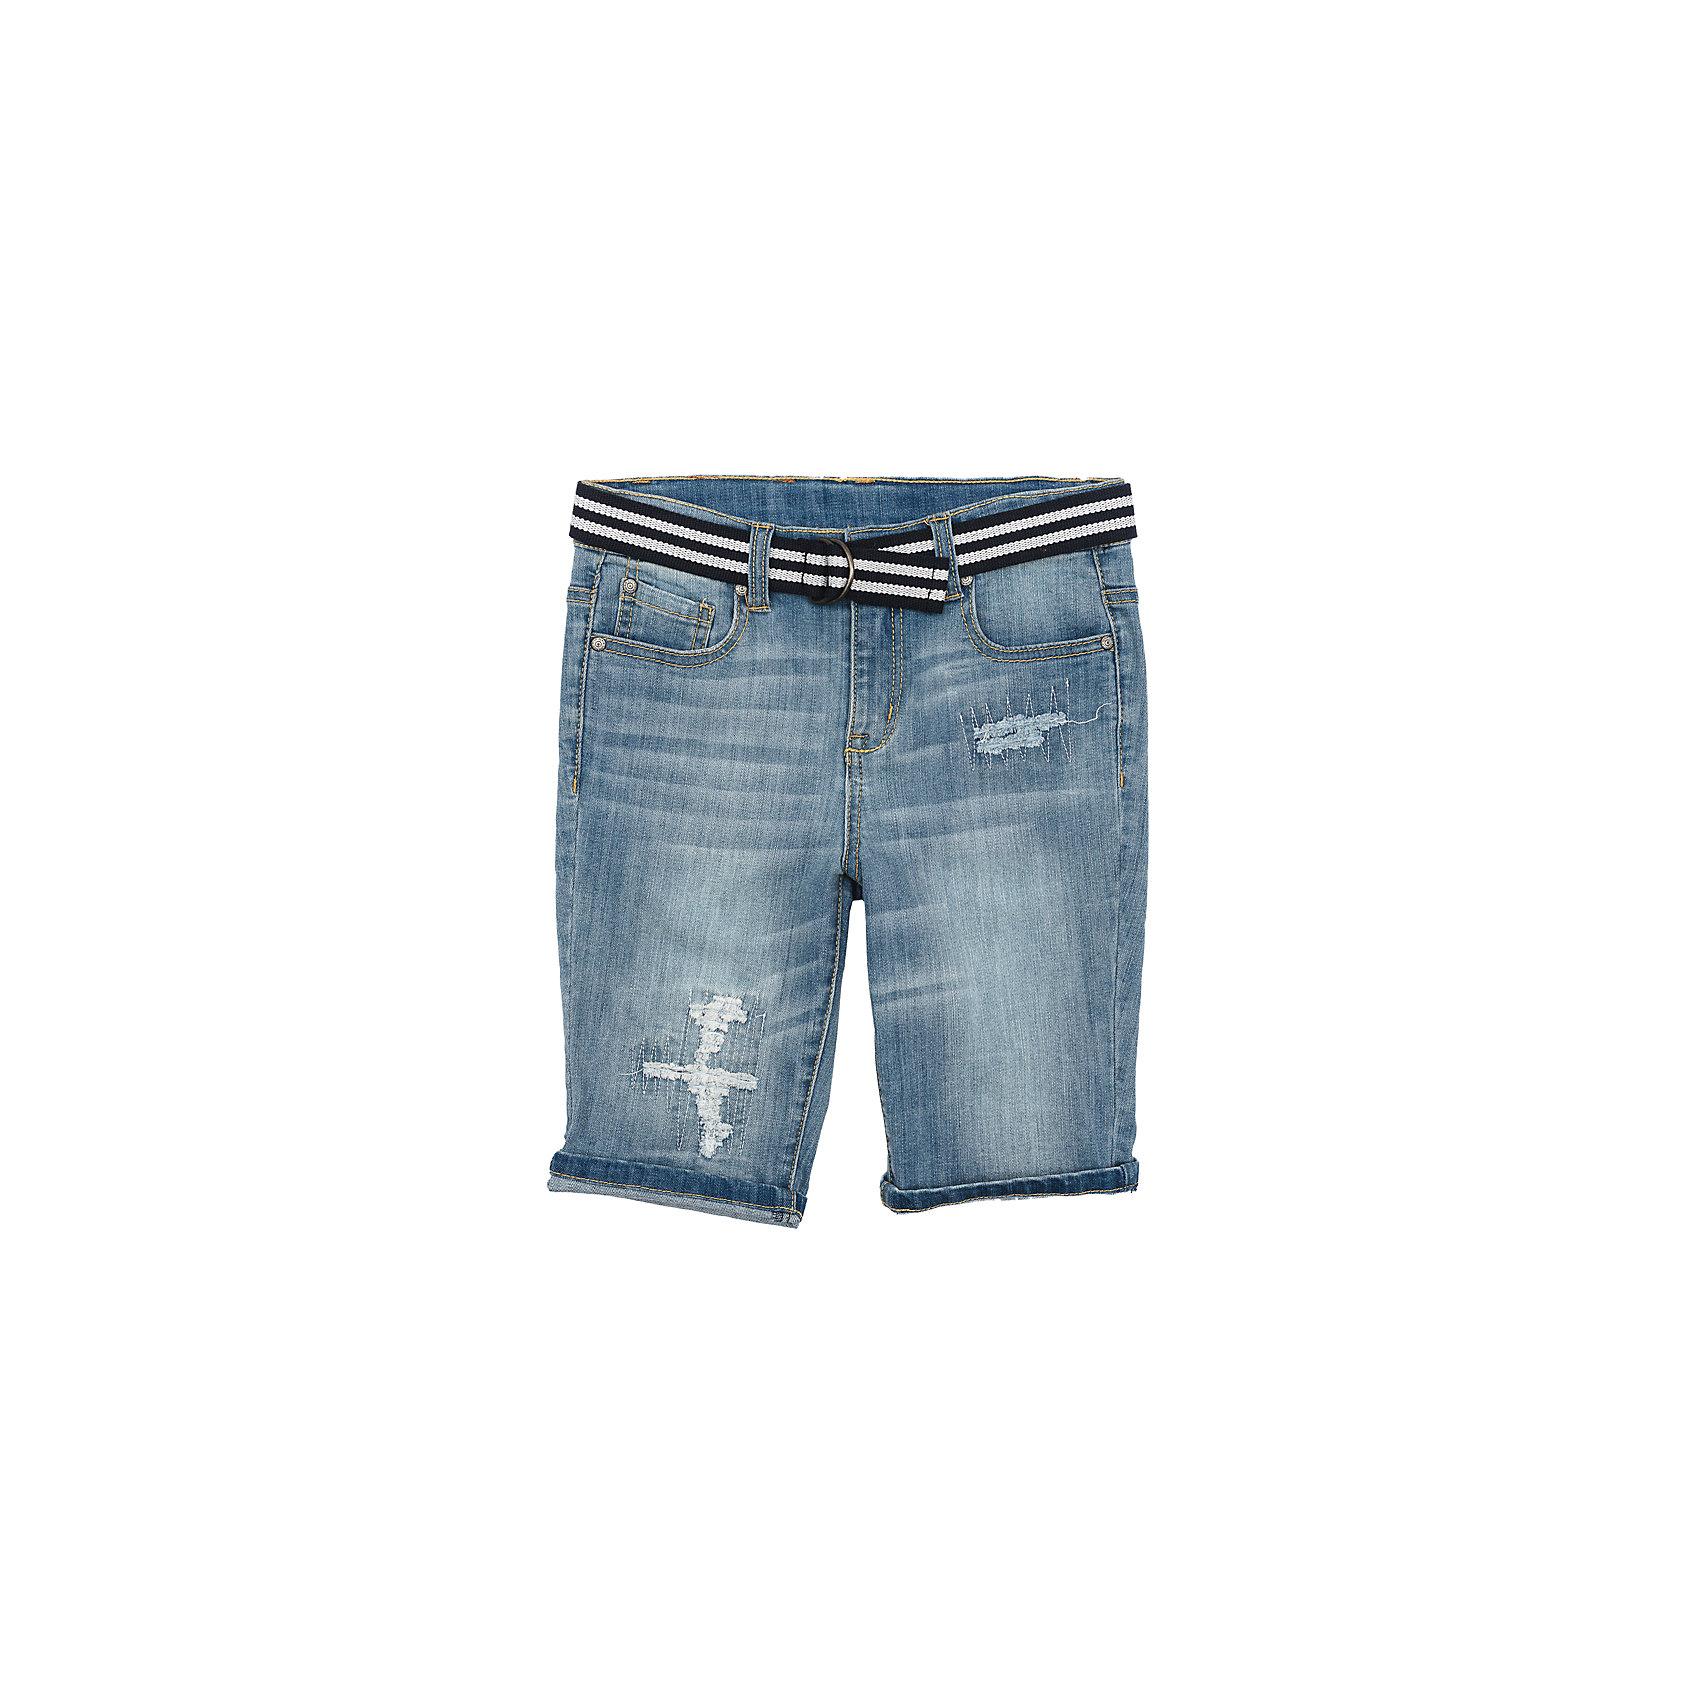 Шорты джинсовые для мальчика ScoolДжинсовая одежда<br>Характеристики товара:<br><br>• цвет: синий<br>• состав: 99% хлопок, 1% эластан<br>• сезон: лето<br>• ремень в комплекте<br>• шорты со шлёвками<br>• карманы <br>• эффект потертостей<br>• страна бренда: Германия<br>• страна производства: Китай<br><br>Джинсовые шорты для мальчика Scool. Шорты с потертостями подойдут для отдыха и прогулок. Свободный крой не сковывает движений ребенка. Натуральный материал приятен к телу и не вызывает раздражений. Модель со шлевками и ремнем.<br><br>Шорты для мальчика от известного бренда Scool можно купить в нашем интернет-магазине.<br><br>Ширина мм: 191<br>Глубина мм: 10<br>Высота мм: 175<br>Вес г: 273<br>Цвет: голубой<br>Возраст от месяцев: 96<br>Возраст до месяцев: 108<br>Пол: Мужской<br>Возраст: Детский<br>Размер: 134,140,146,152,158,164<br>SKU: 5406714